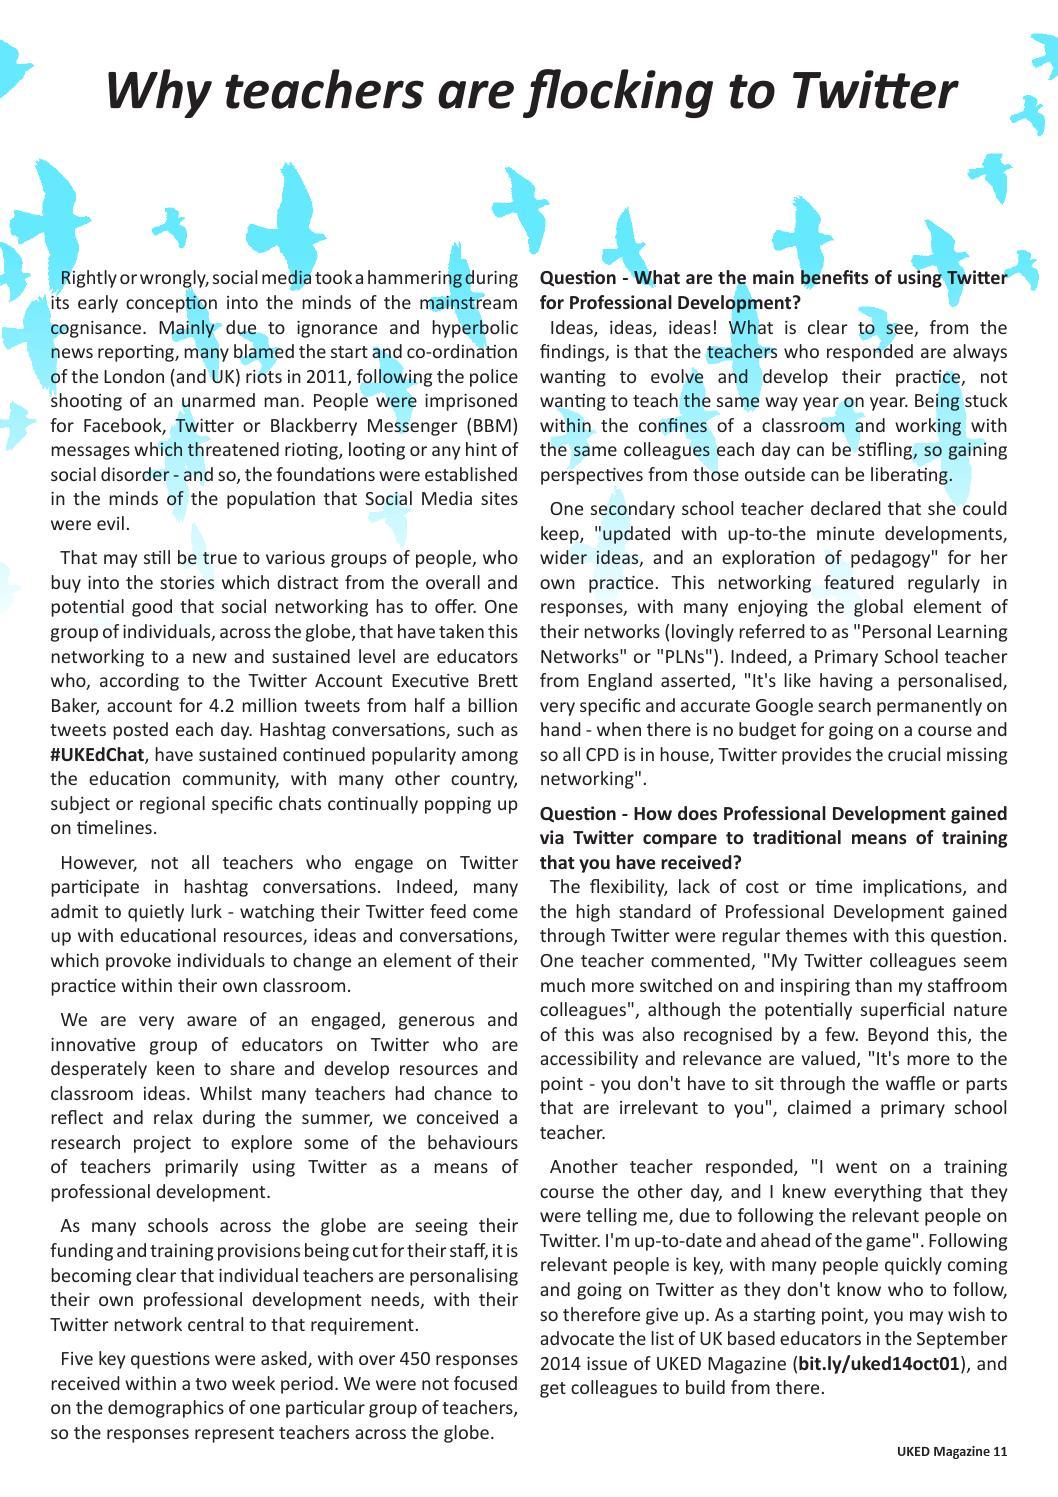 UKED Magazine Oct 2014